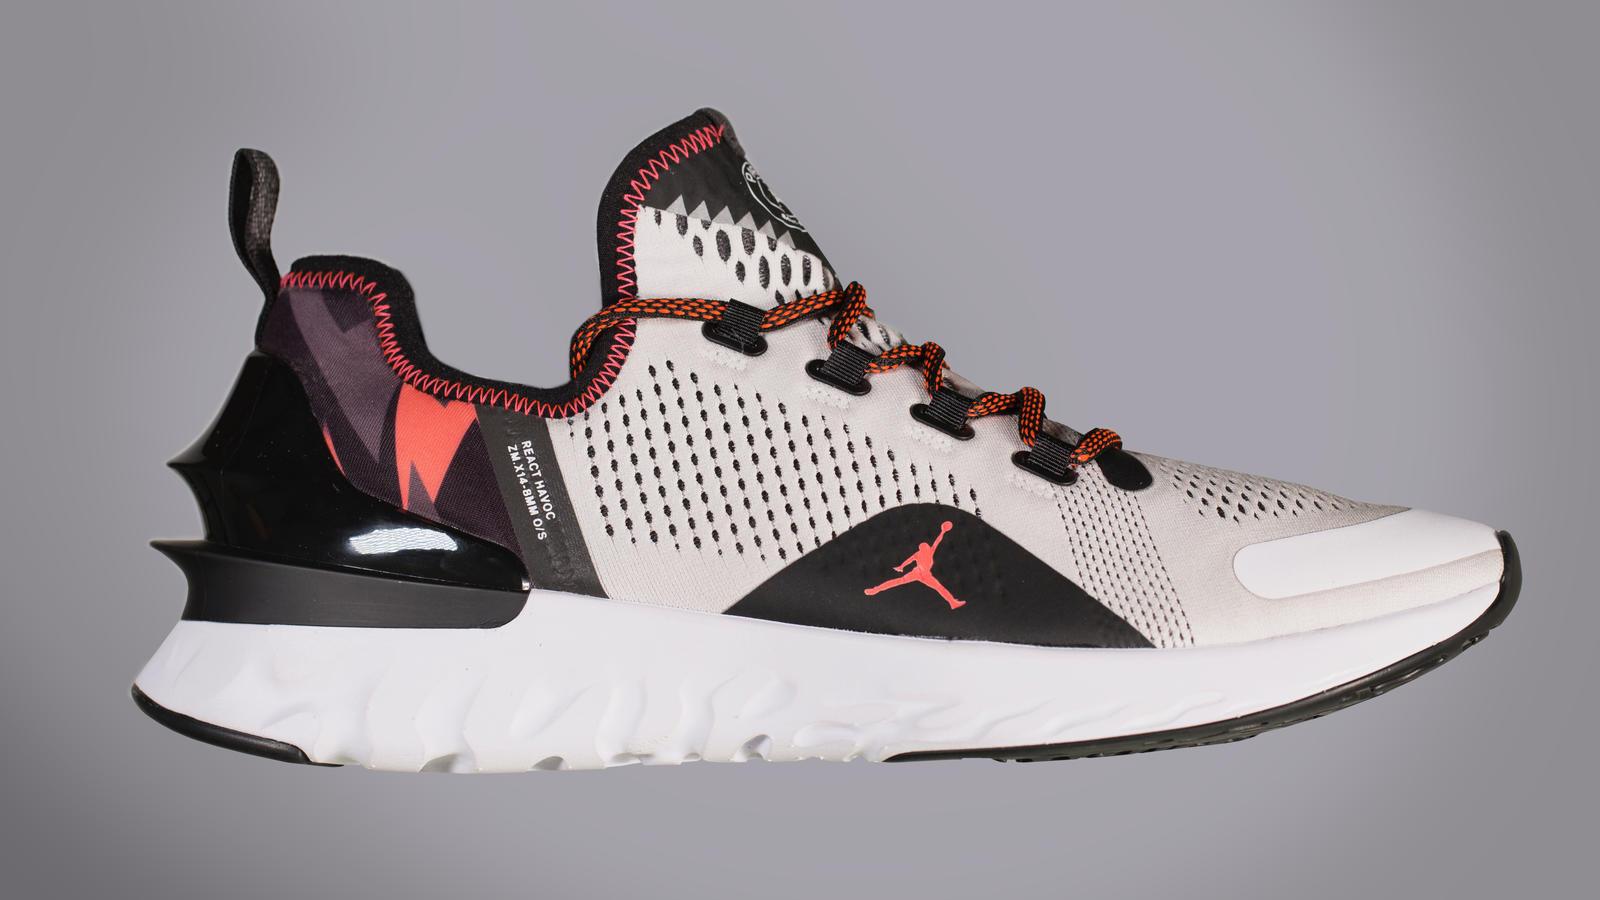 shop outlet online sale Jordan Brand x Paris Saint-Germain Apparel, Jordan 6, Air ...